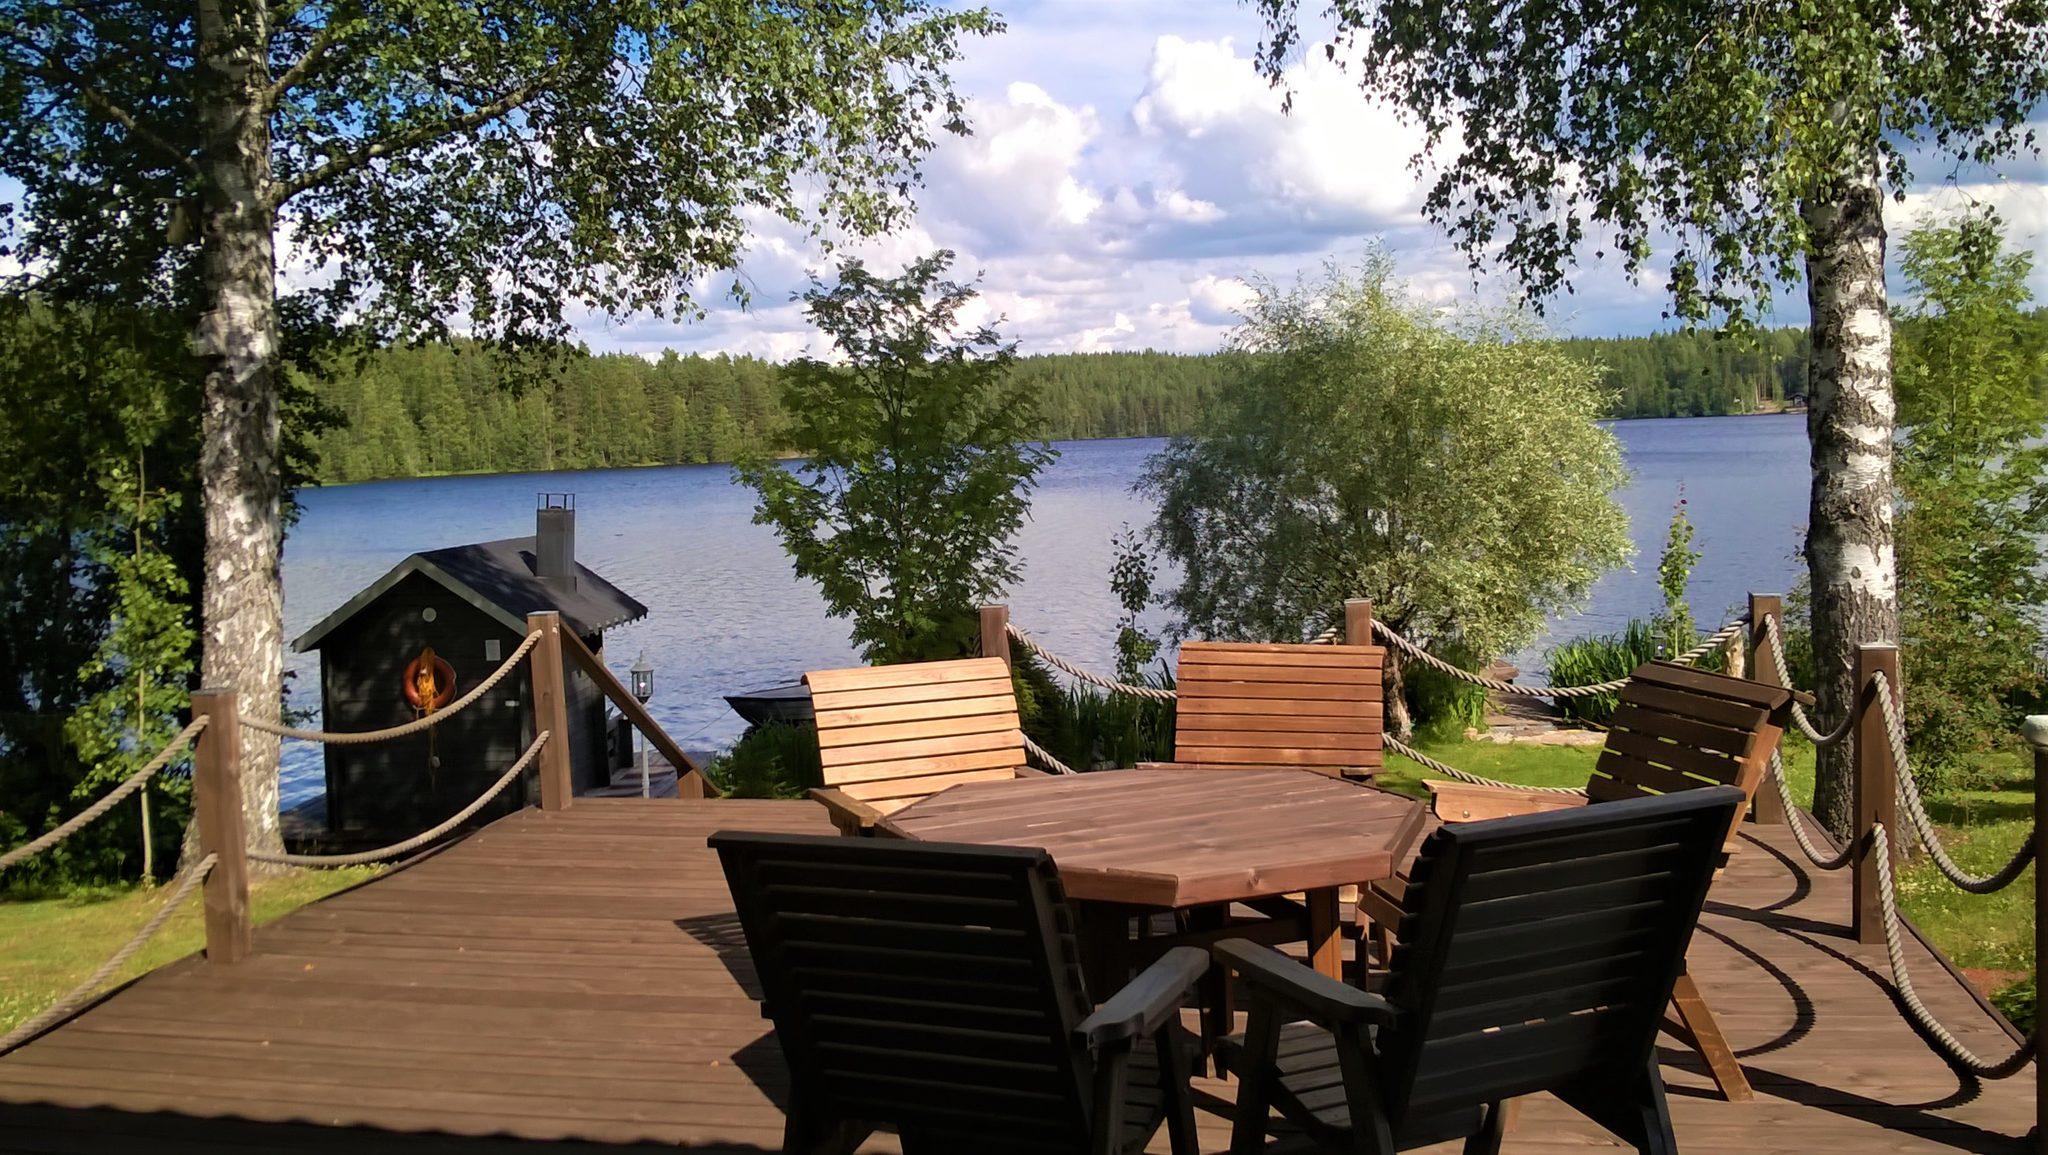 Varaa koko Lomakoti kauniin Riuttasjärven rannalta